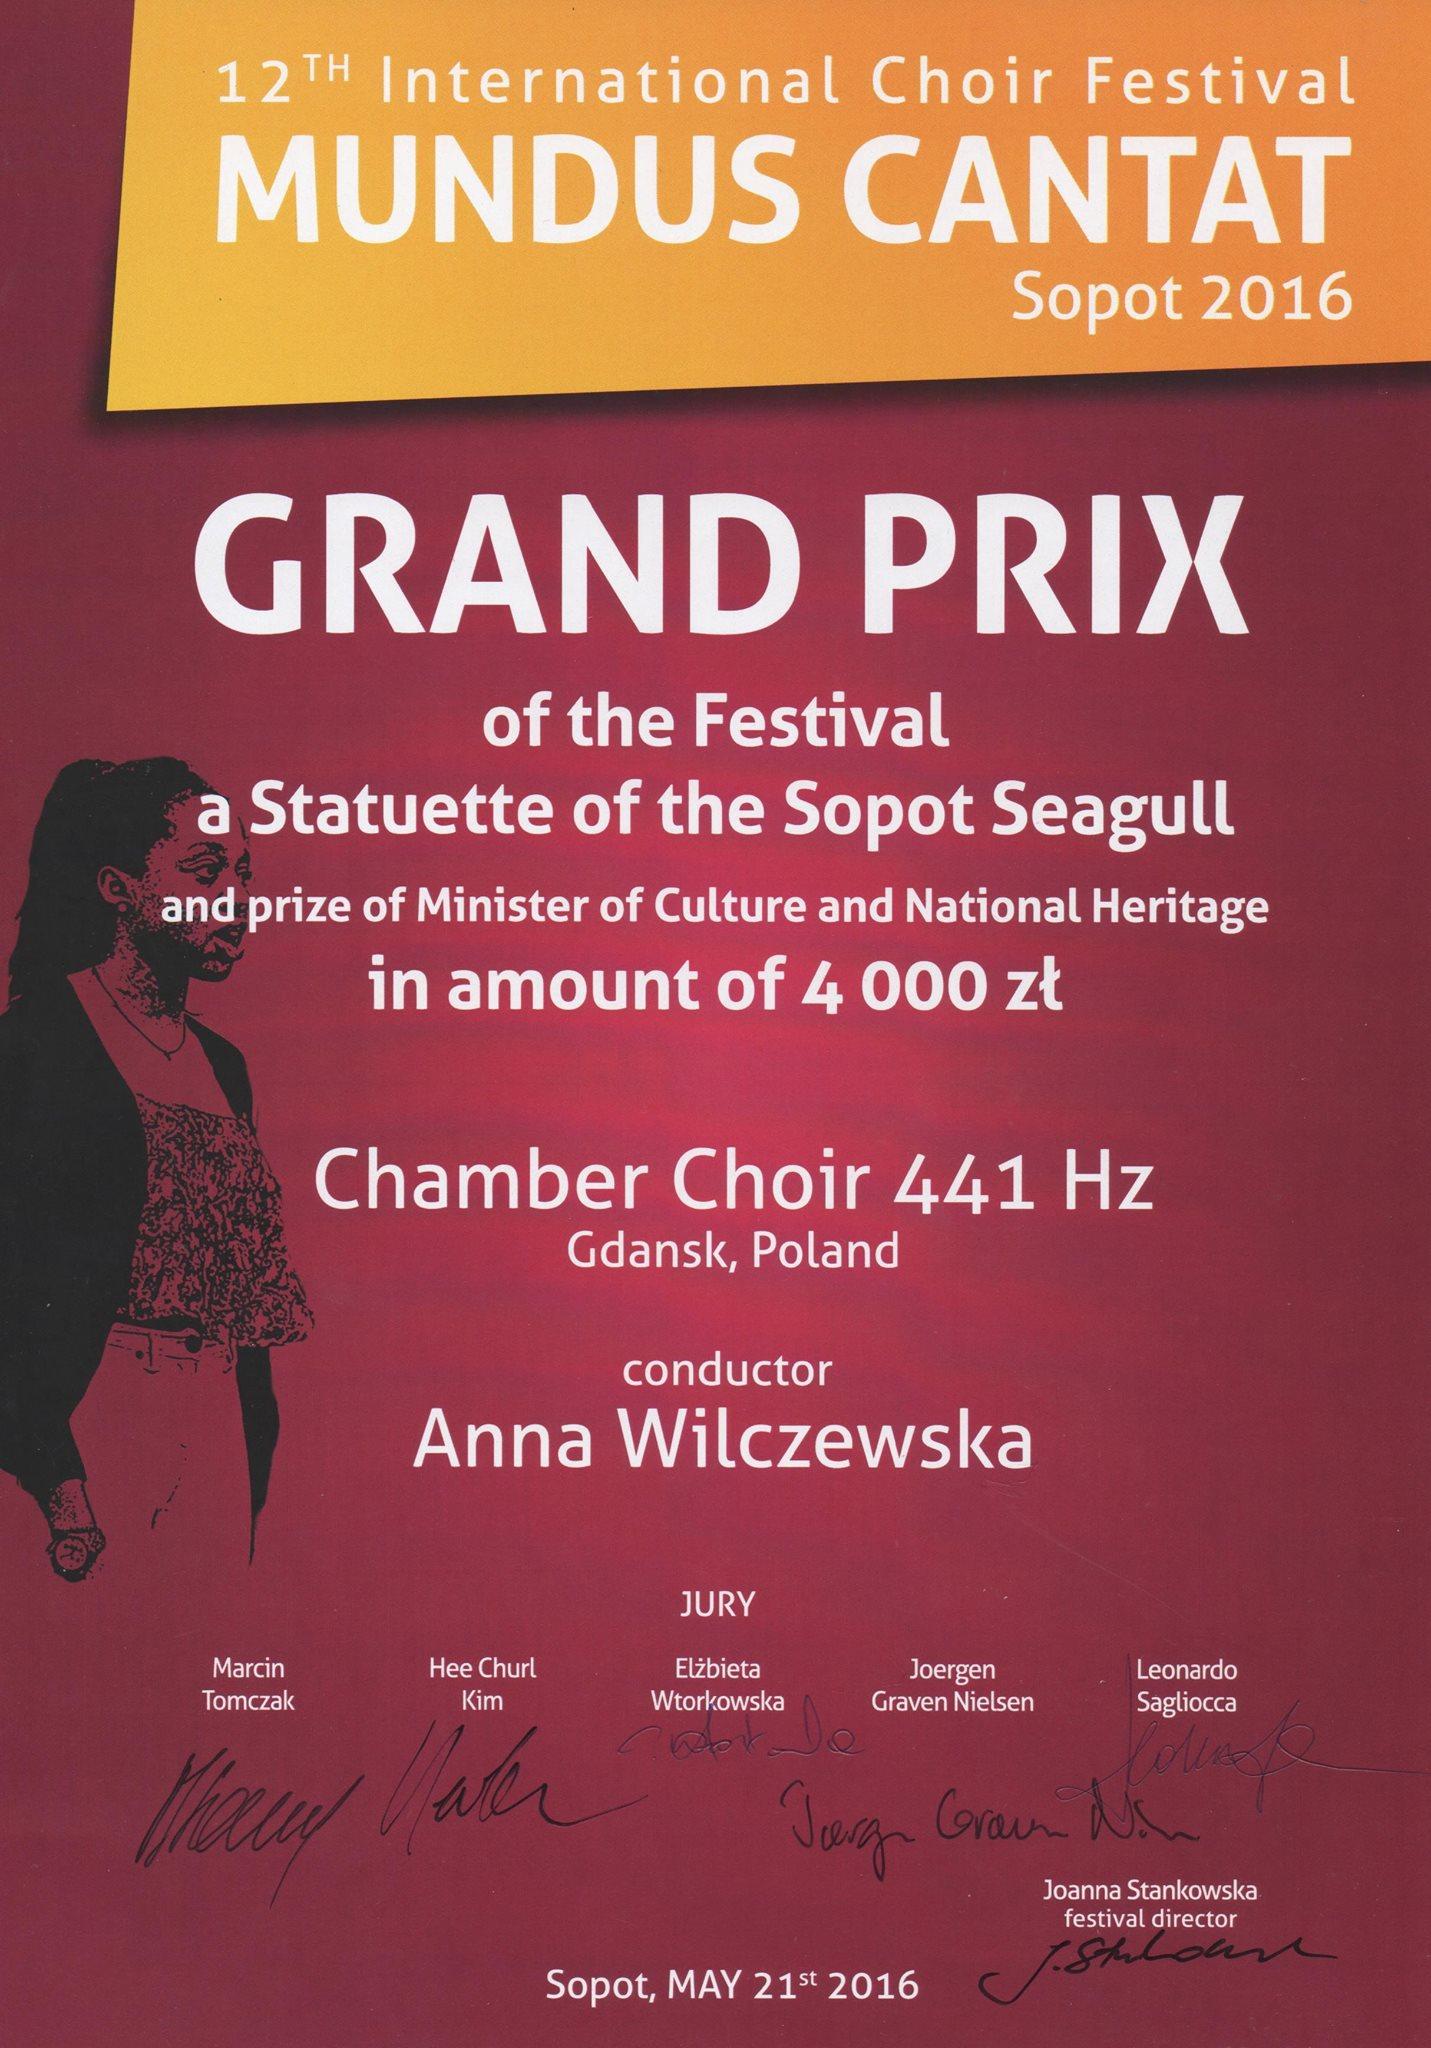 441 Hz_Mundus_Cantat_2016_grand prix